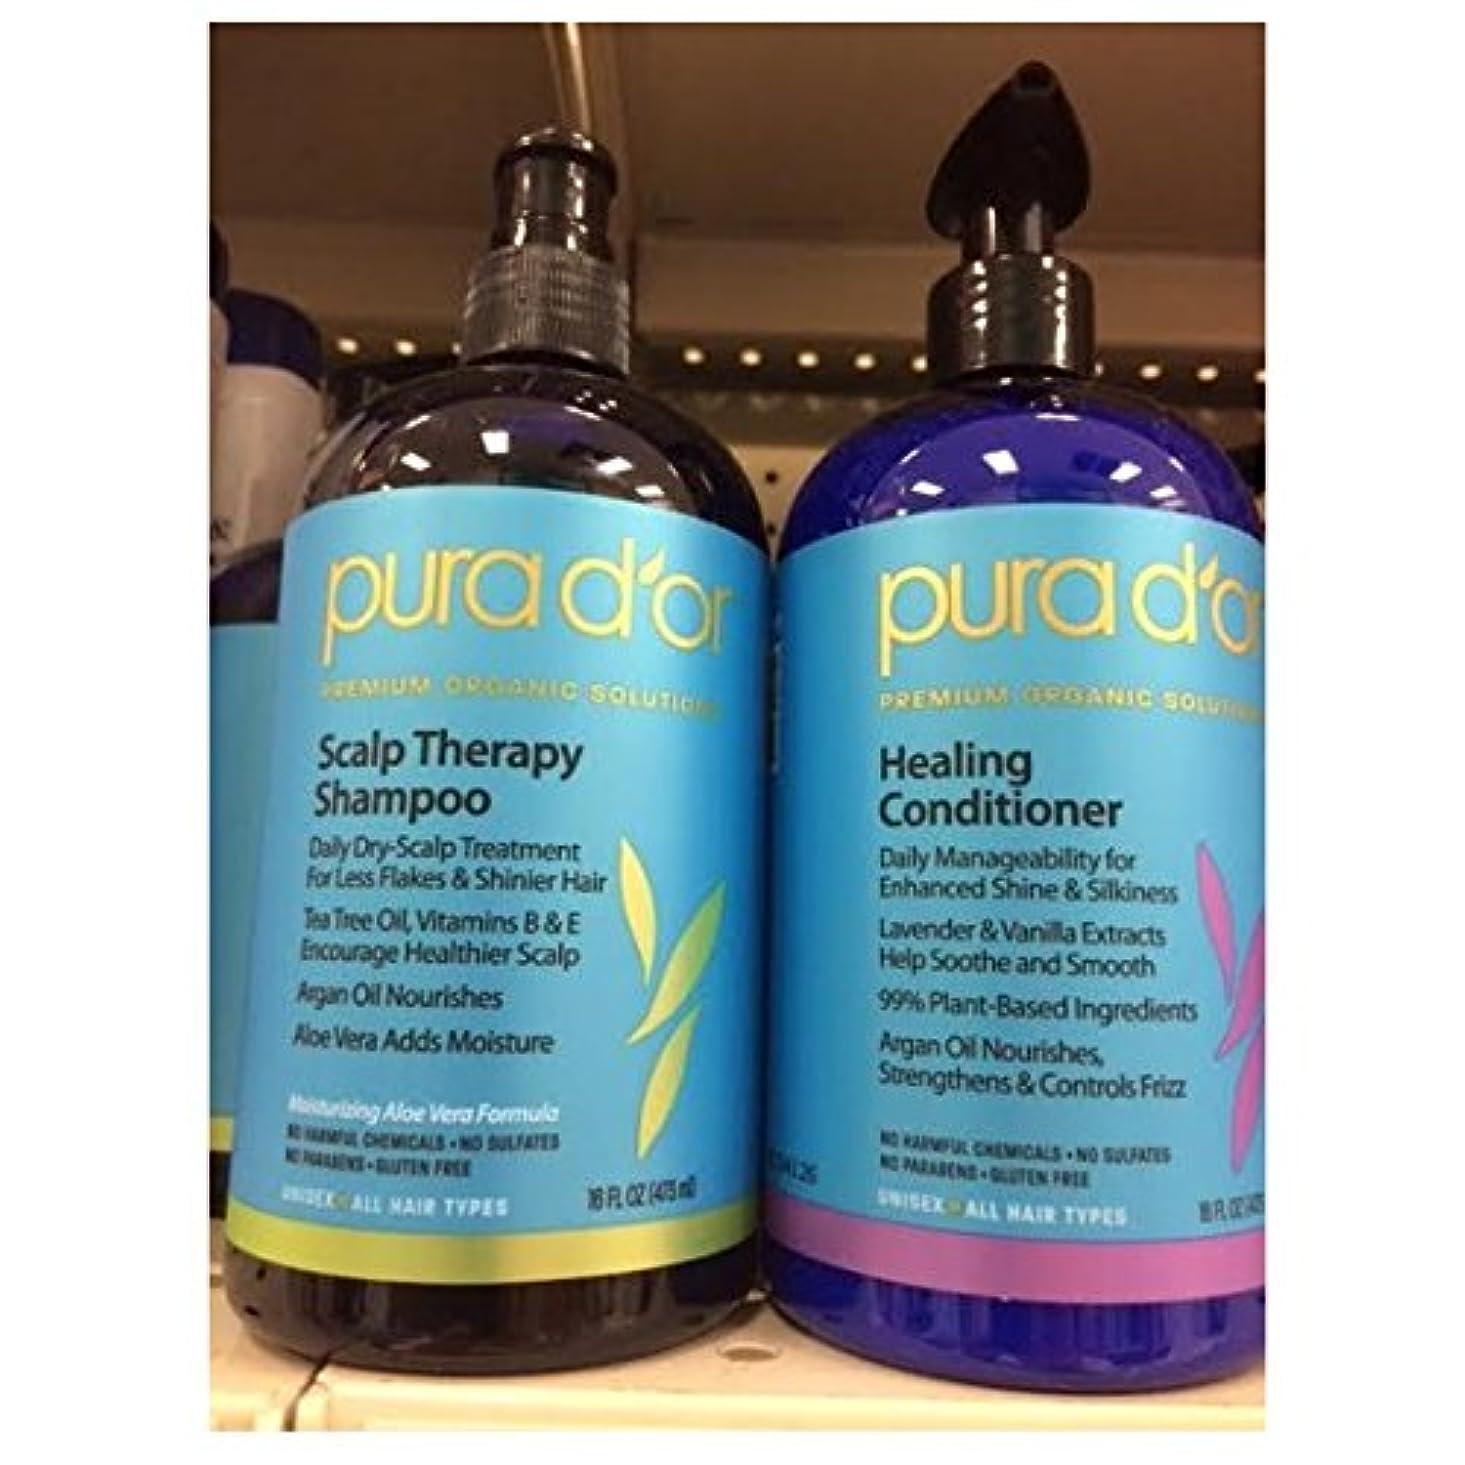 視聴者レジデンス教会〈海外直送品〉【2本セット】Pura d'or Scalp Therapy Shampoo & Healing Conditioner 各16oz(475ml) プラドール スカルプセラピーシャンプー&ヒーリングコンディショナーセット